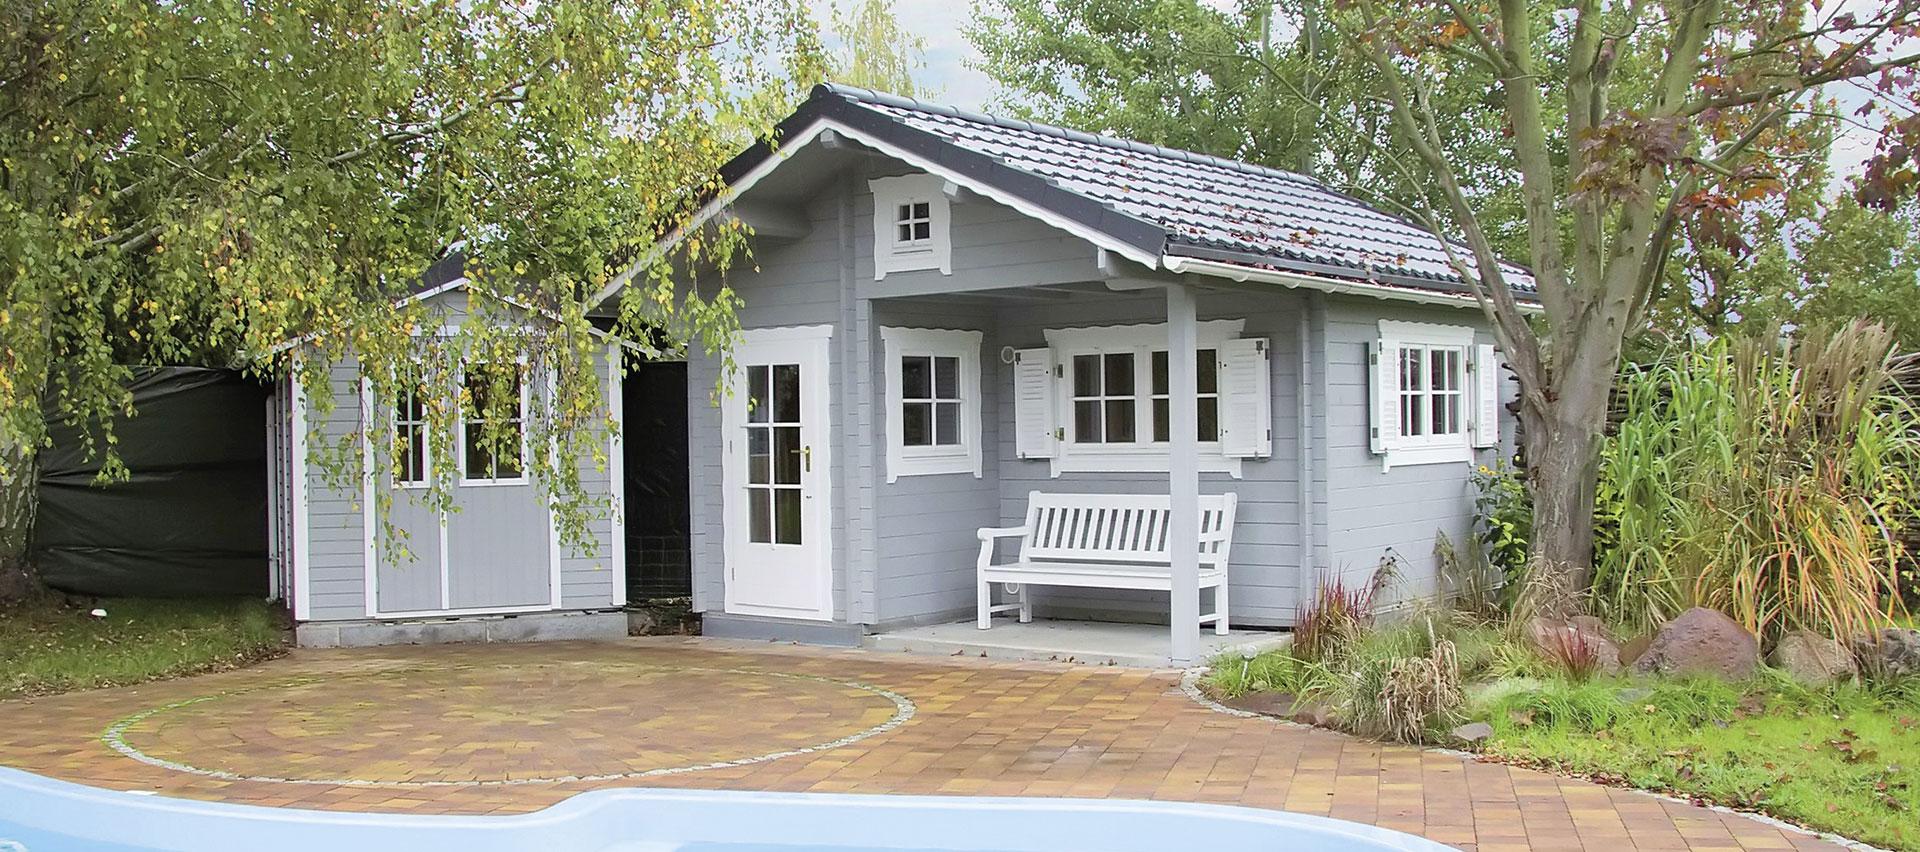 Gartenhäuser aus Holz im Garten von Holz-Hauff in Leingarten